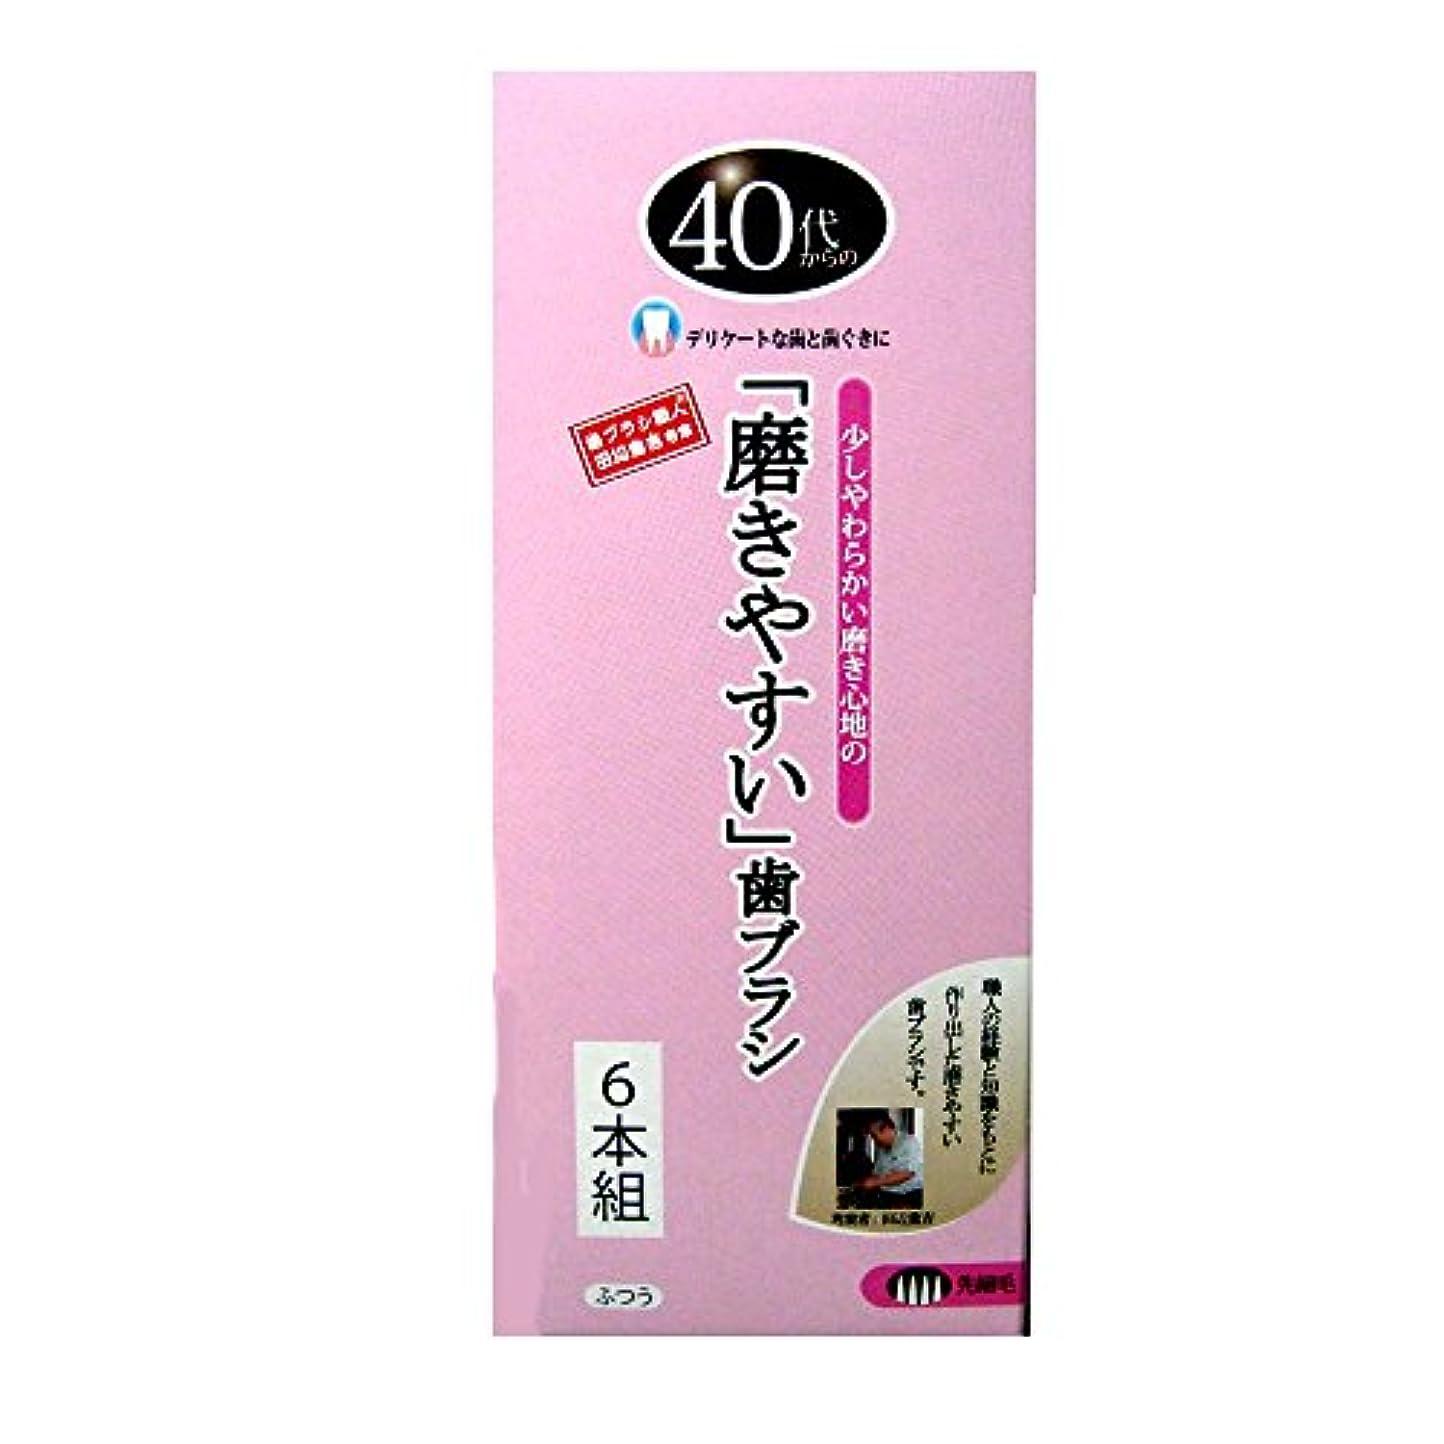 資本番号パフライフレンジ 磨きやすい歯ブラシ 40代から ふつう LT-115 6本組 4560292169909